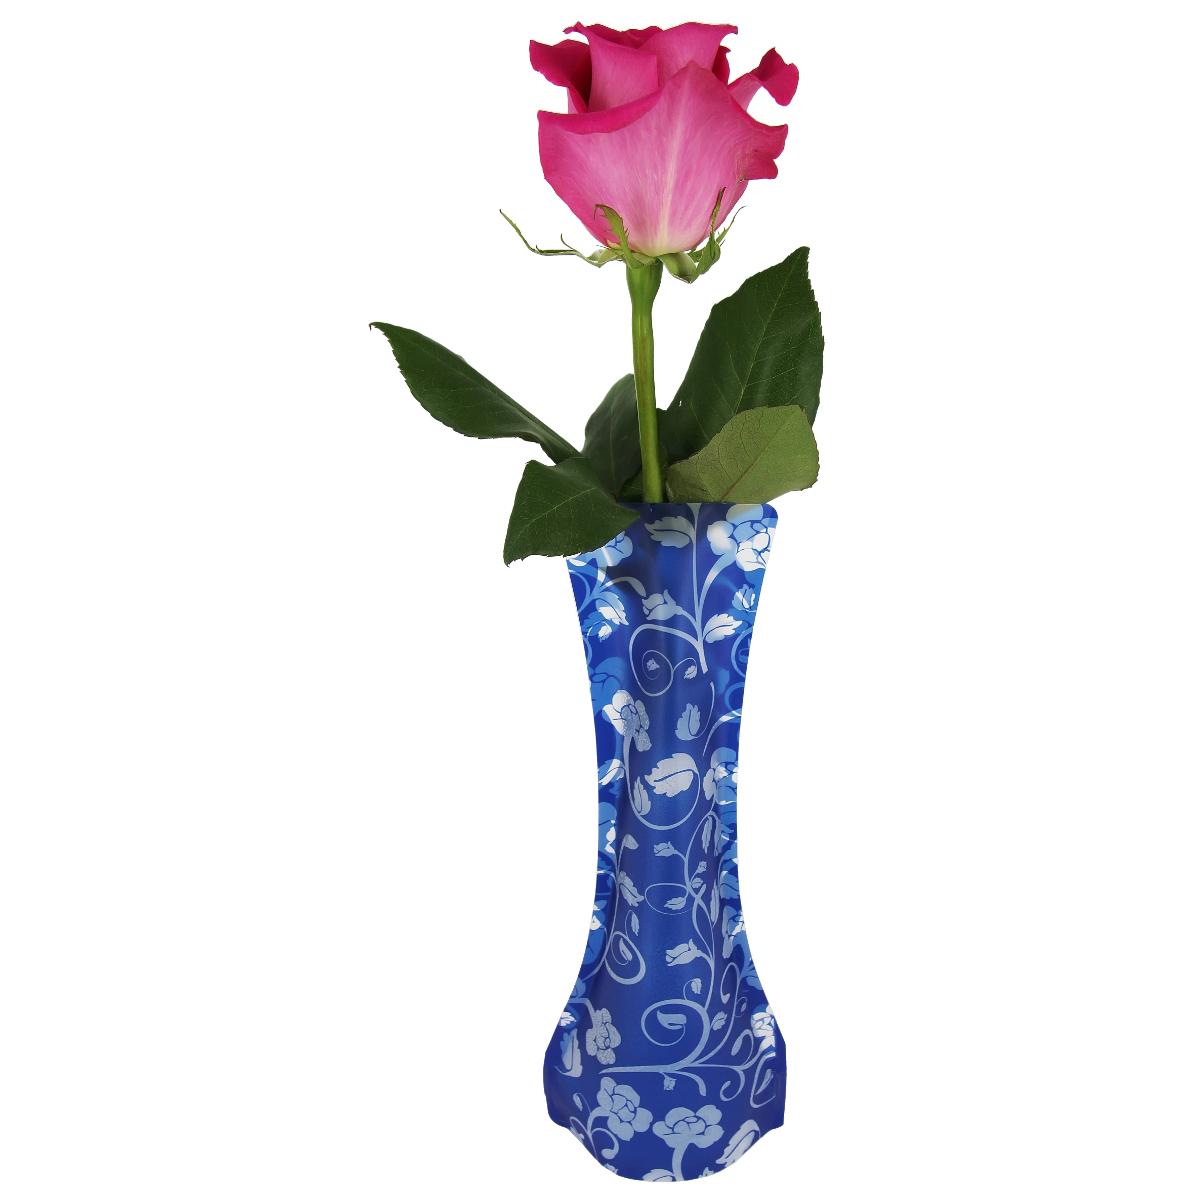 Ваза МастерПроф Синие бутоны, пластичная, 0,4 лFS-80422Пластичная ваза Синие бутоны легко складывается, удобно хранится - занимает мало места, долго служит. Всегда пригодится дома, в офисе, на даче, для оформления различных меропритятий. Отлично подойдет для перевозки цветов, или просто в подарок.Инструкция: 1. Наполните вазу теплой водой;2. Дно и стенки расправятся;3. Вылейте воду;4. Наполните вазу холодной водой;5. Вставьте цветы.Меры предосторожности:Хранить вдали от источников тепла и яркого солнечного света. С осторожностью применять для растений с длинными стеблями и с крупными соцветиями, что бы избежать опрокидывания вазы.